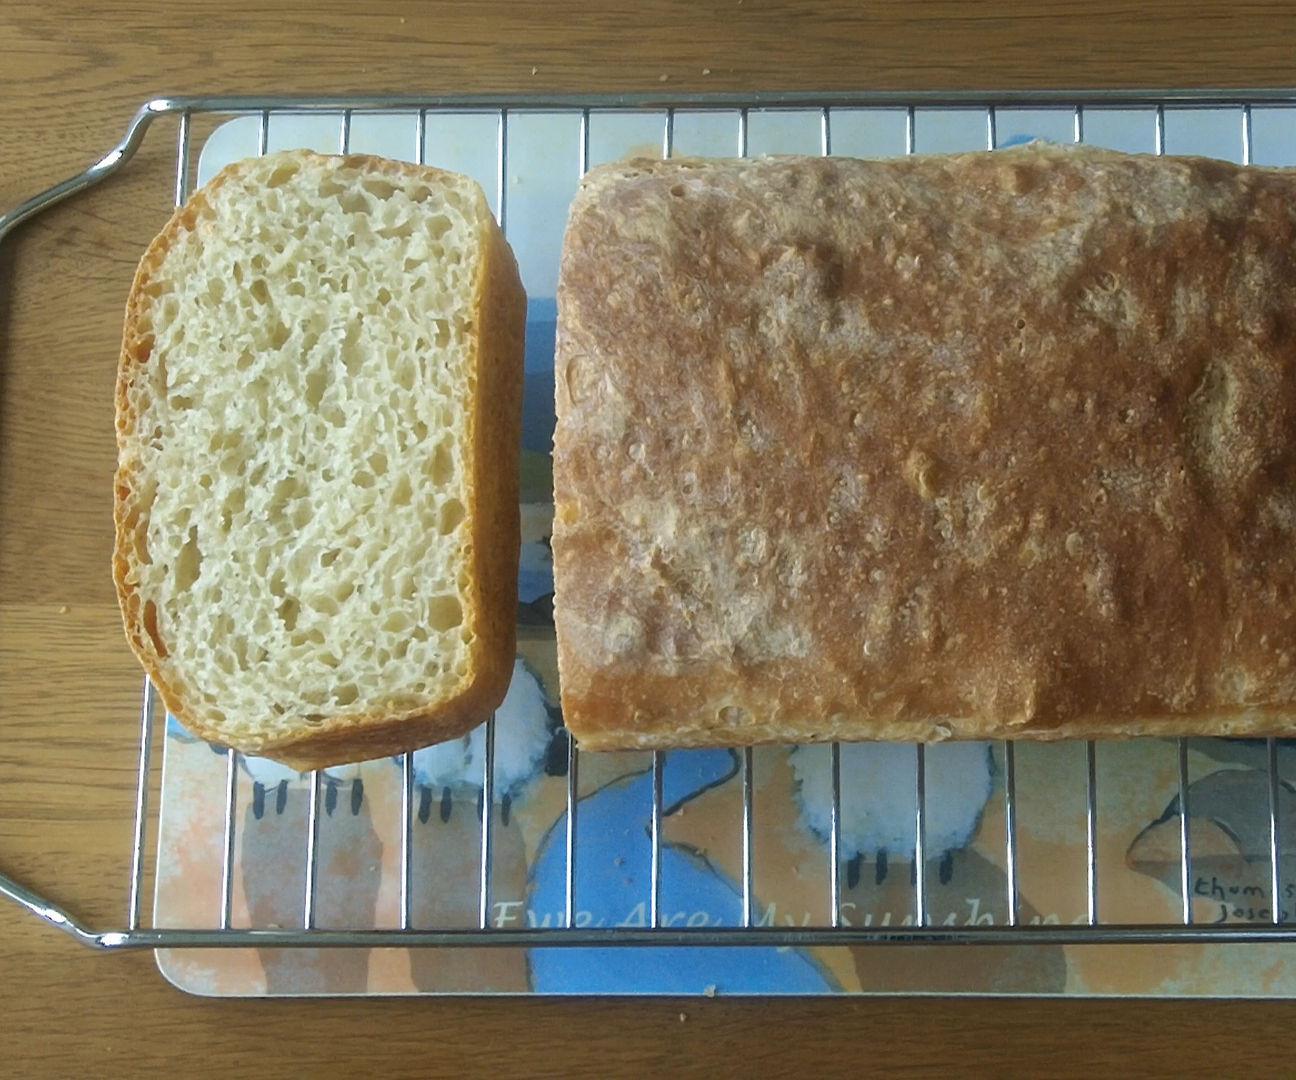 Bread In A Bag Recipe  No Knead Bread in a Bag lazy bread recipe All